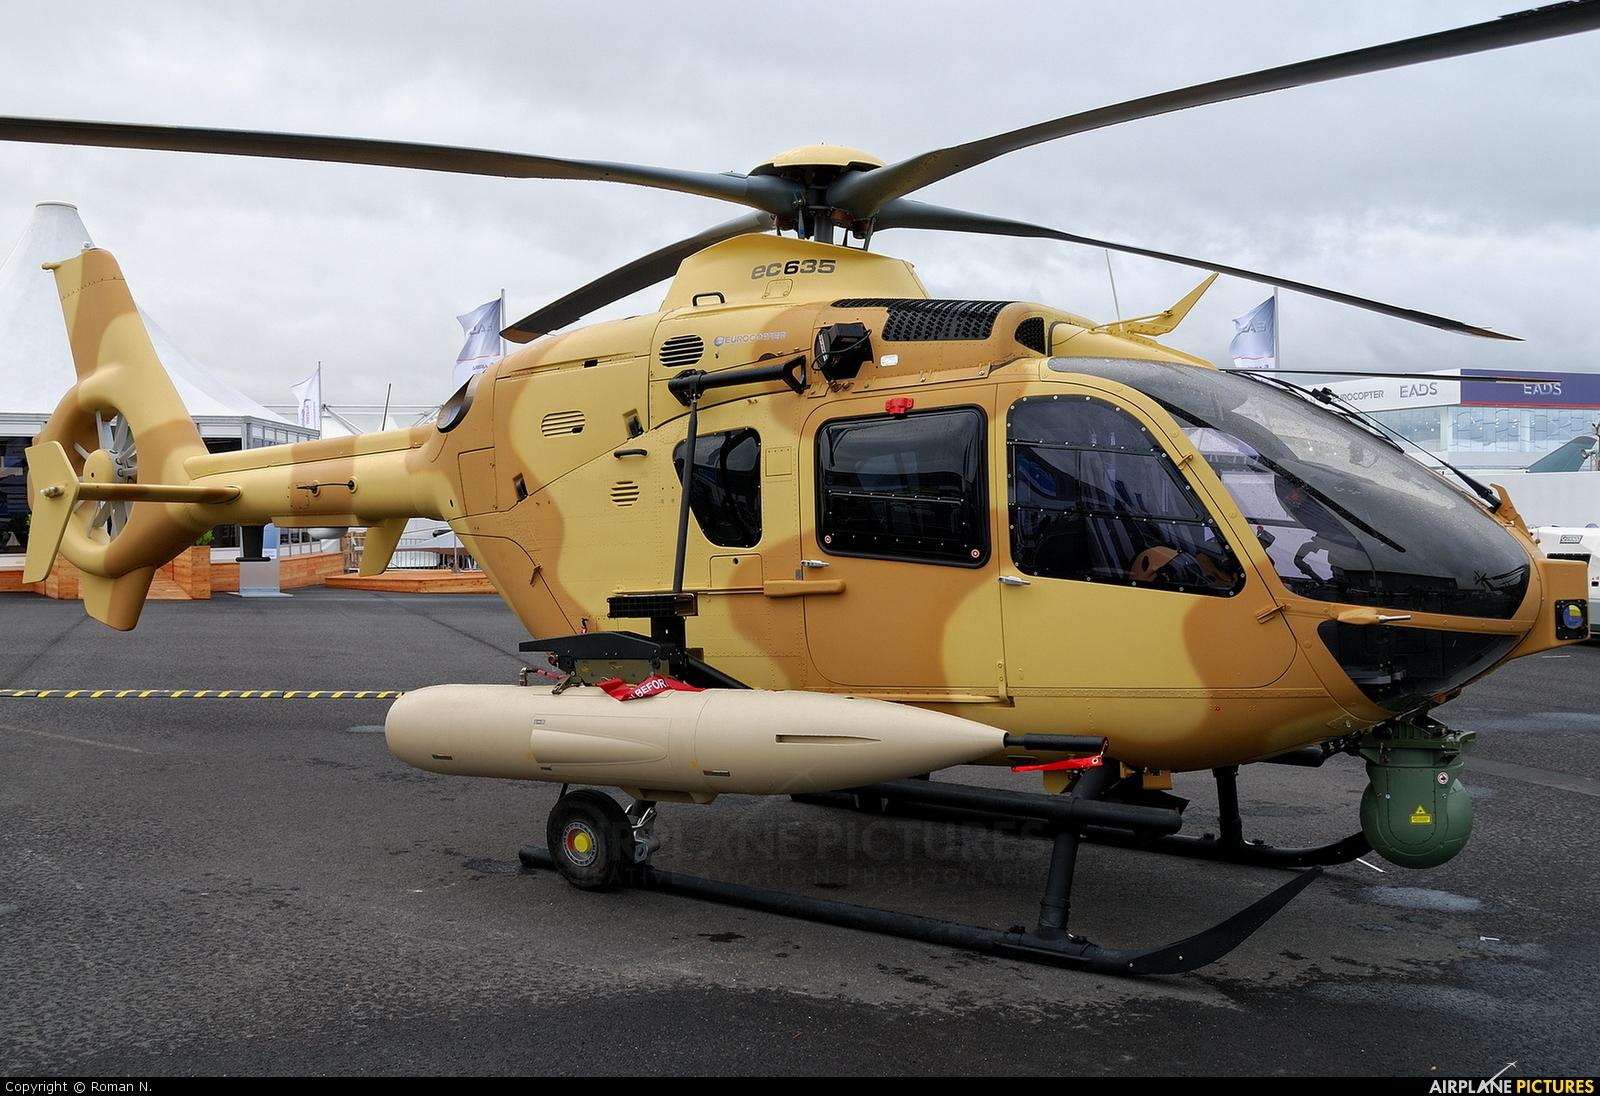 Eurocopter - aircraft at Berlin - Schönefeld